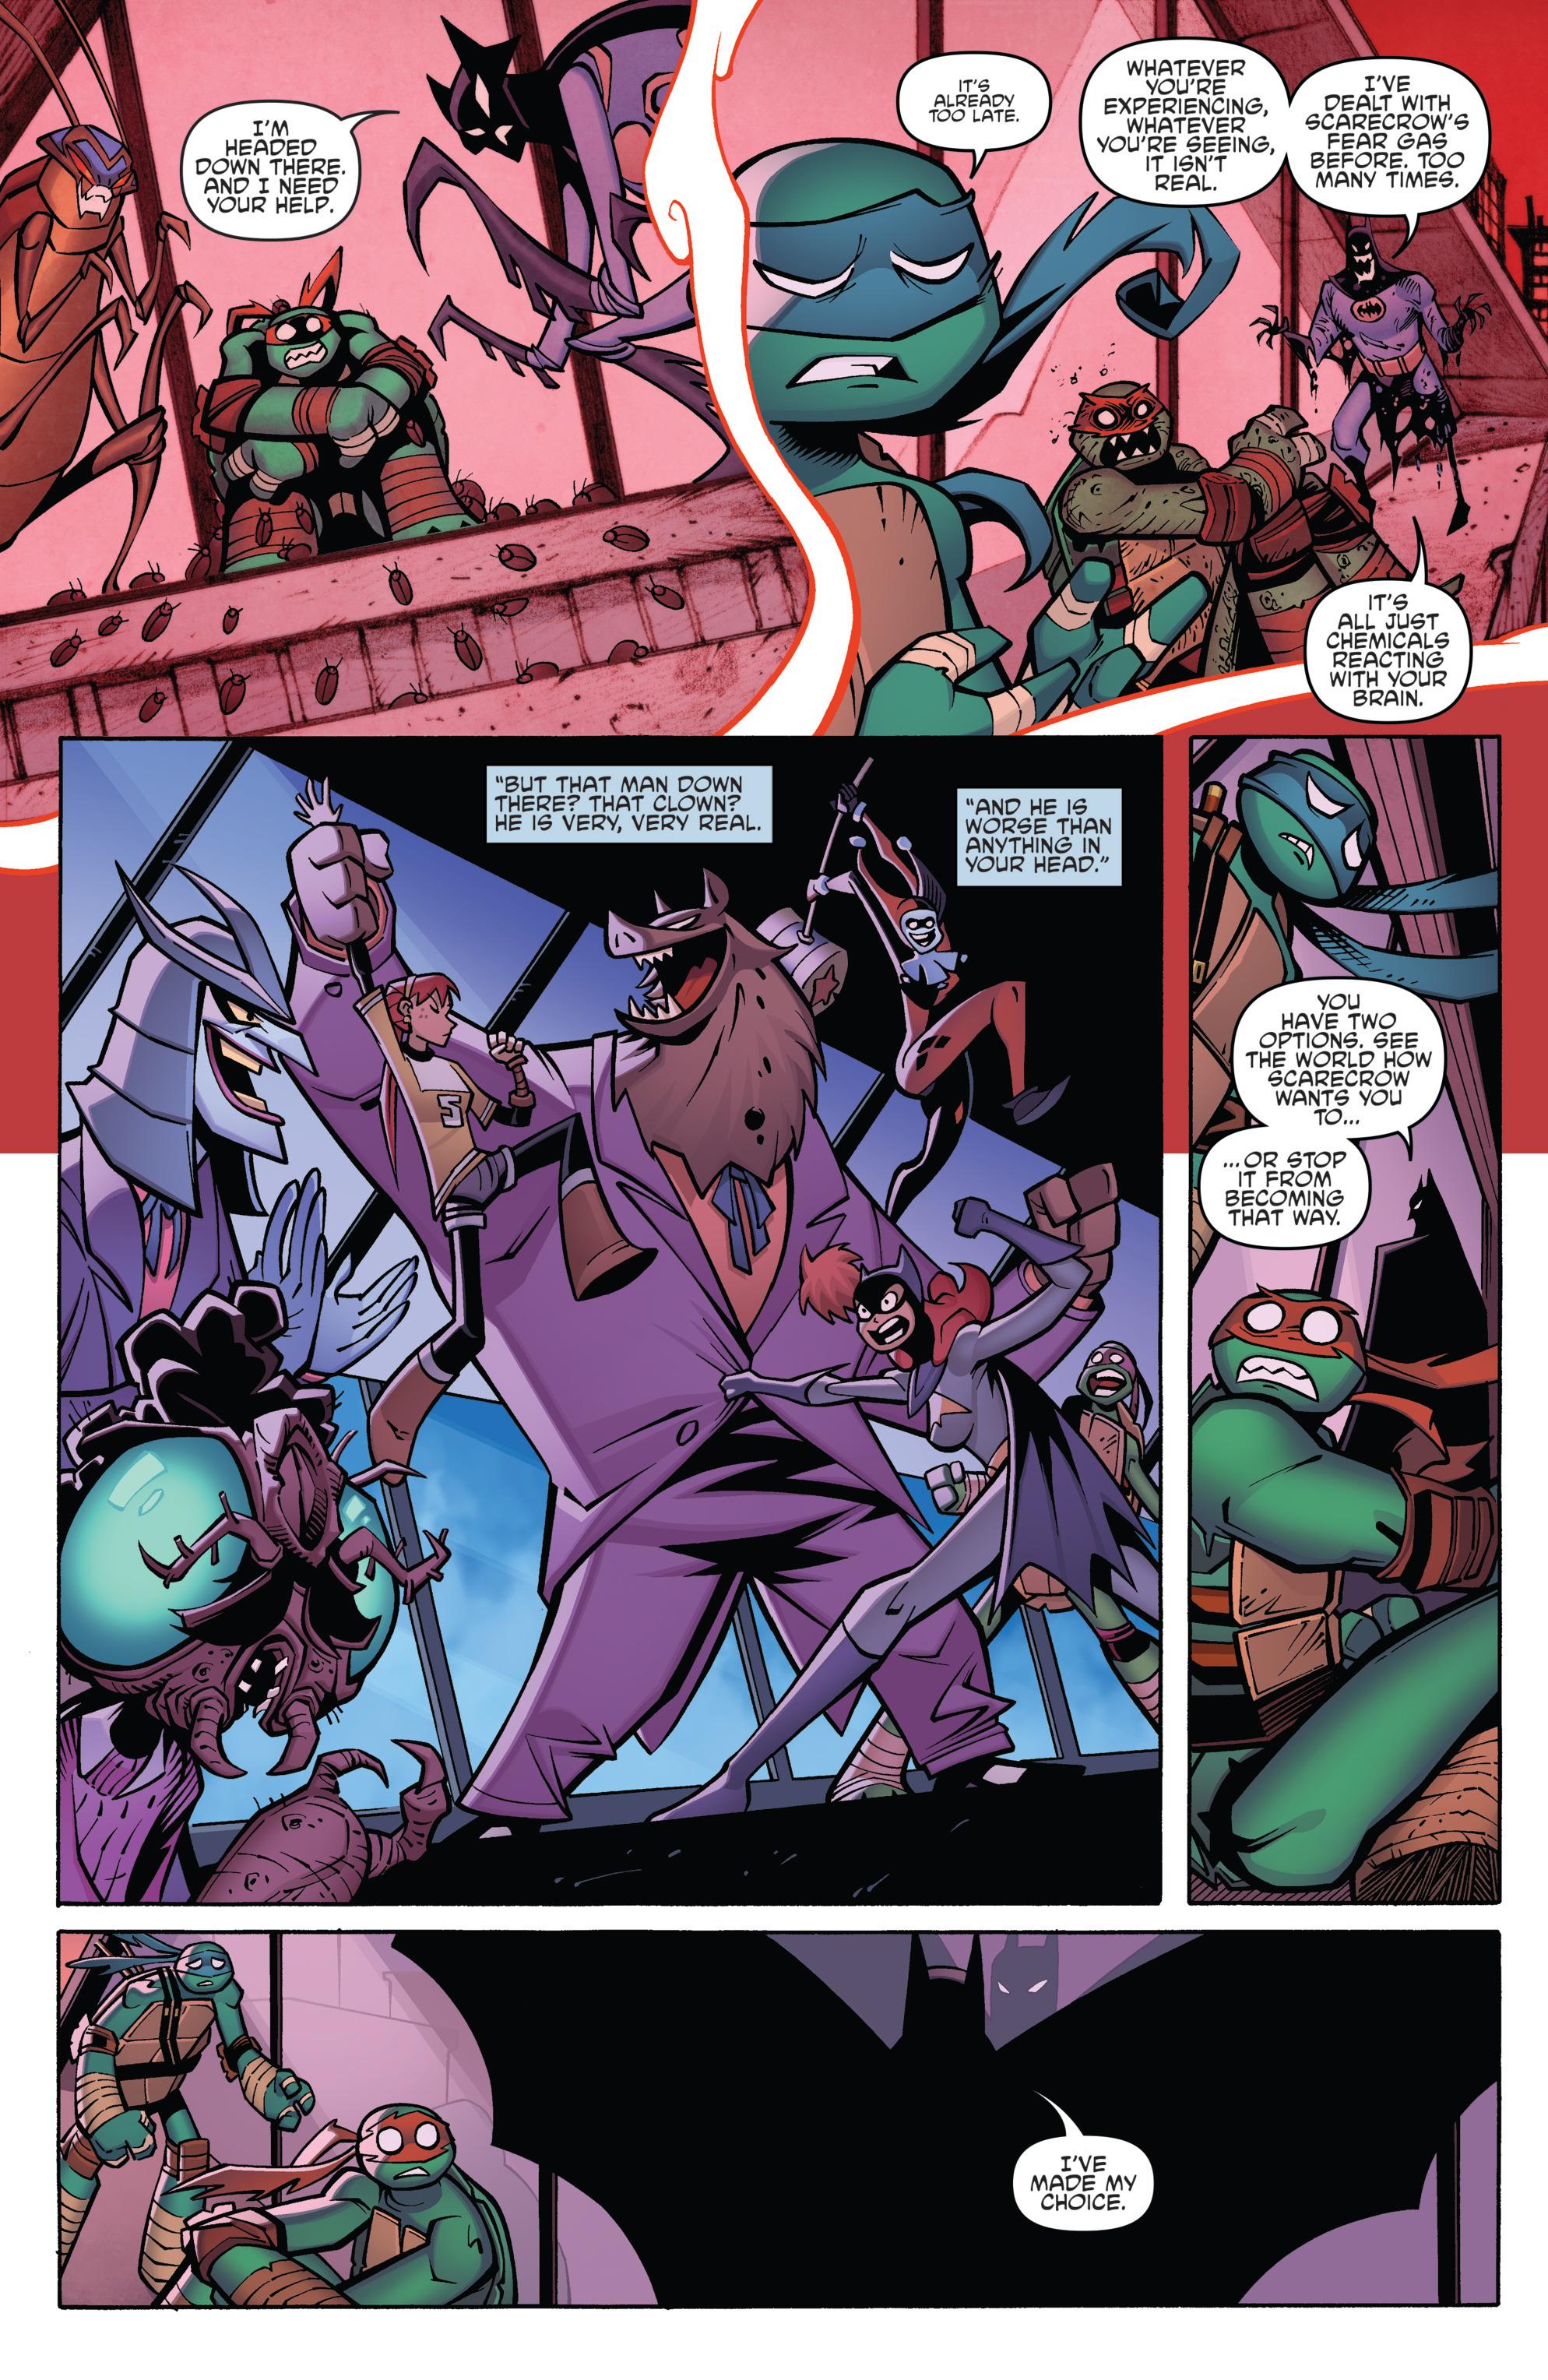 Read online Batman/Teenage Mutant Ninja Turtles Adventure comic -  Issue #4 - 17